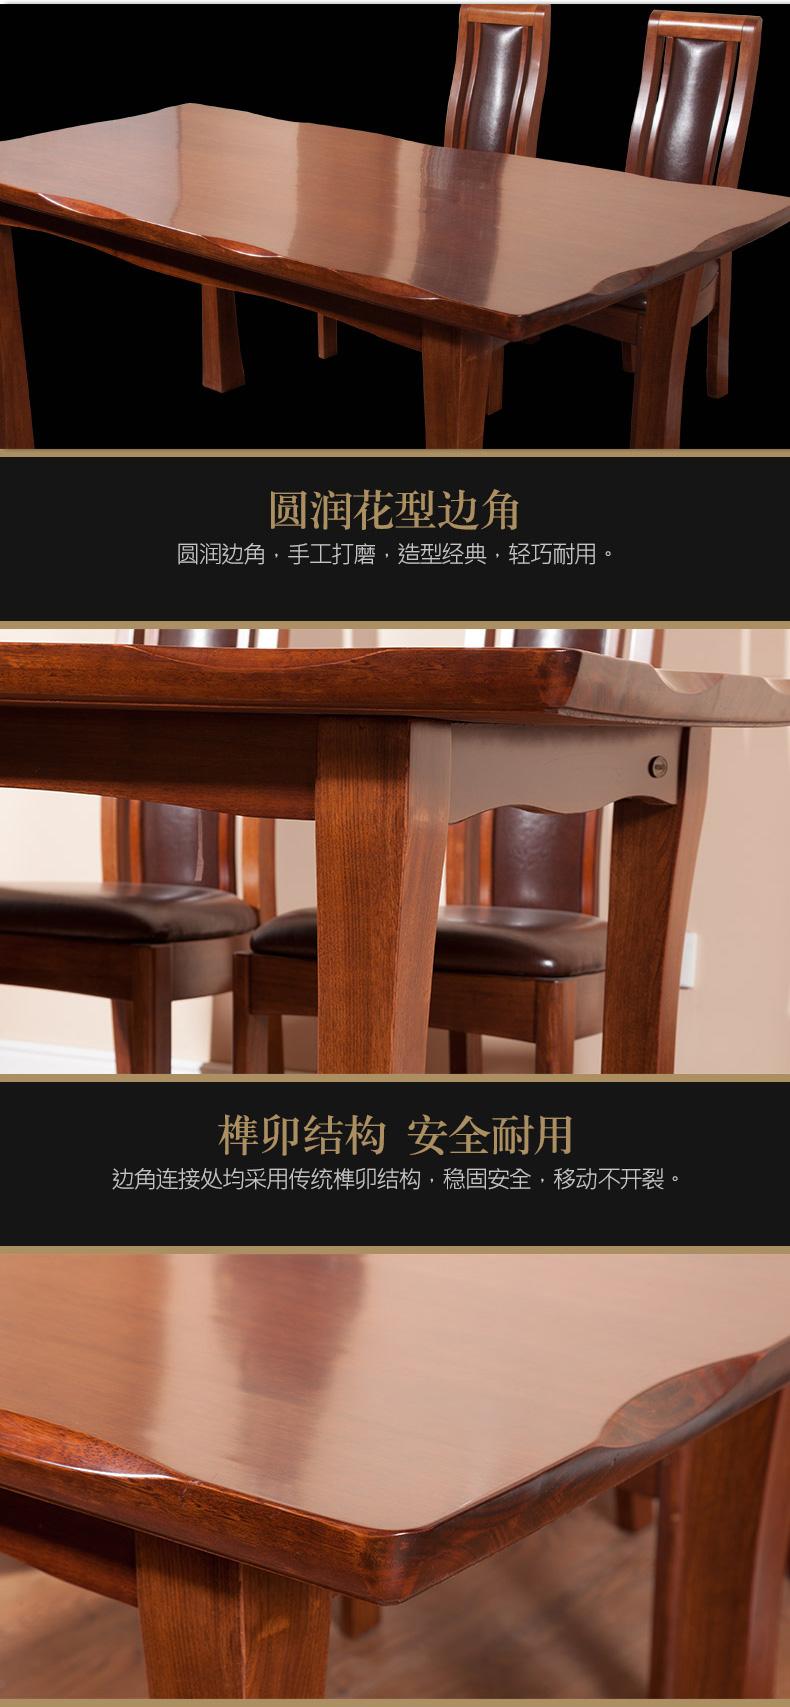 实木家用组合餐桌-1815HT83M_05.jpg